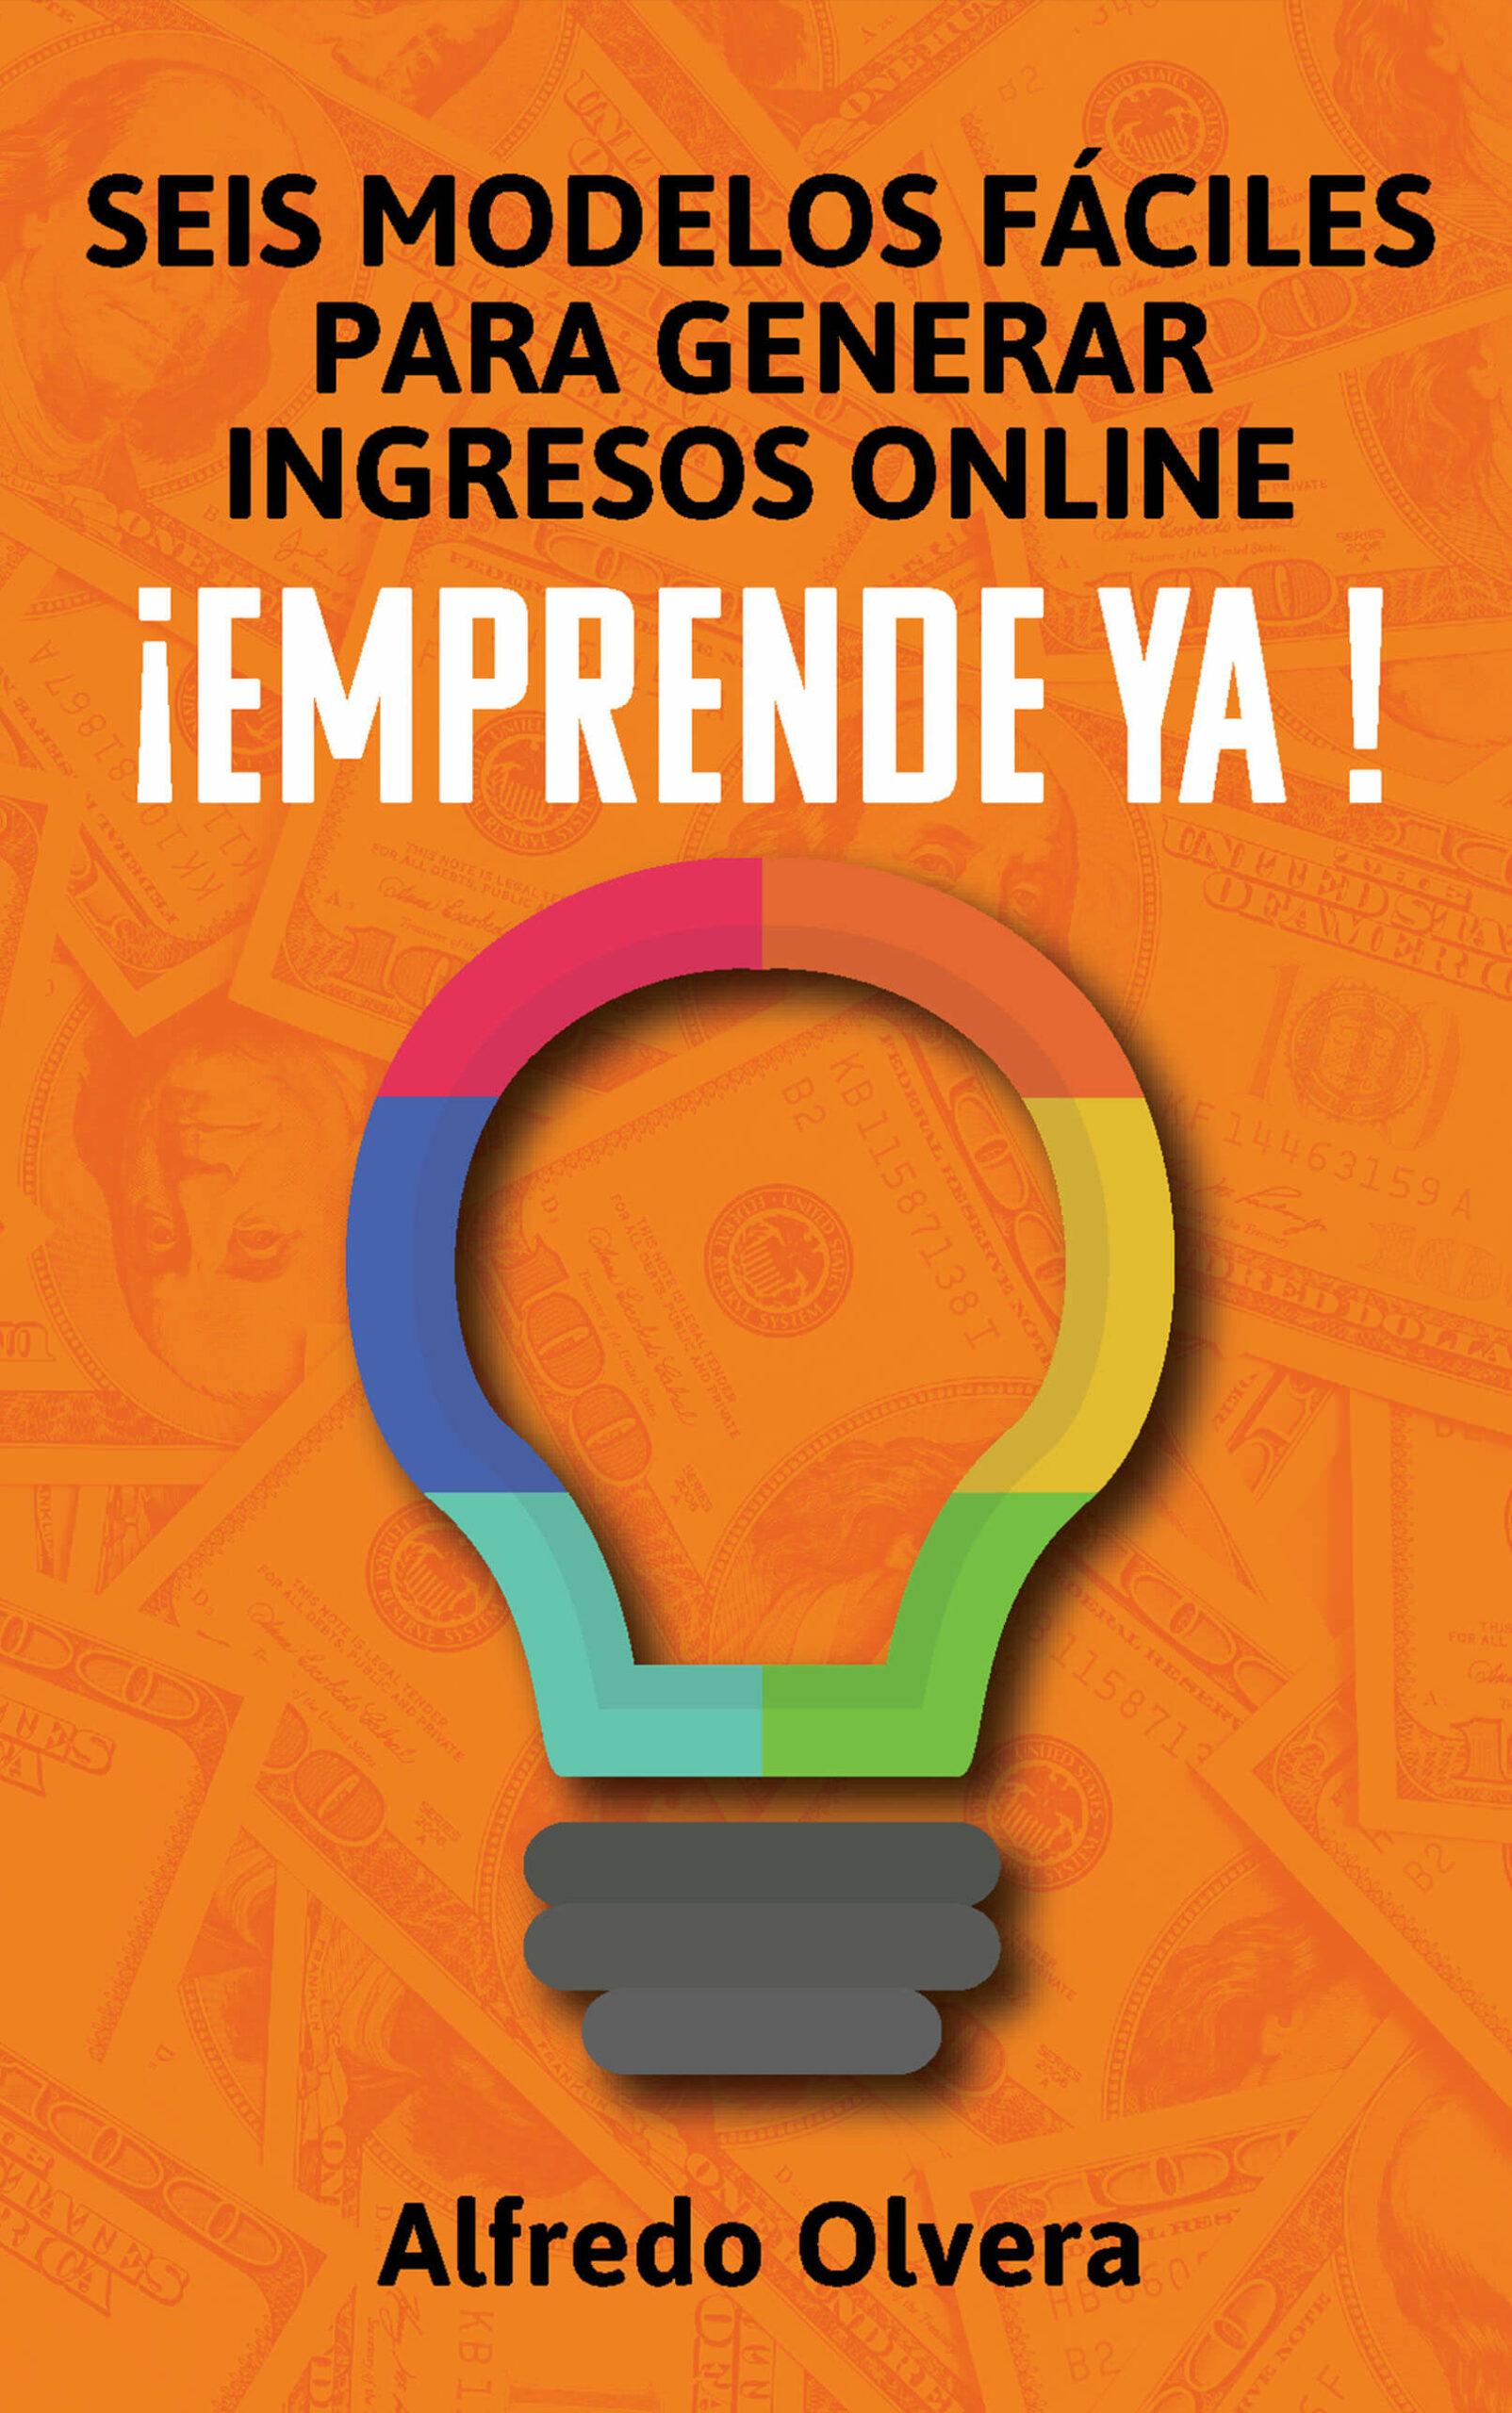 Seis modelos fáciles para generar ingresos online, de Alfredo Olvera